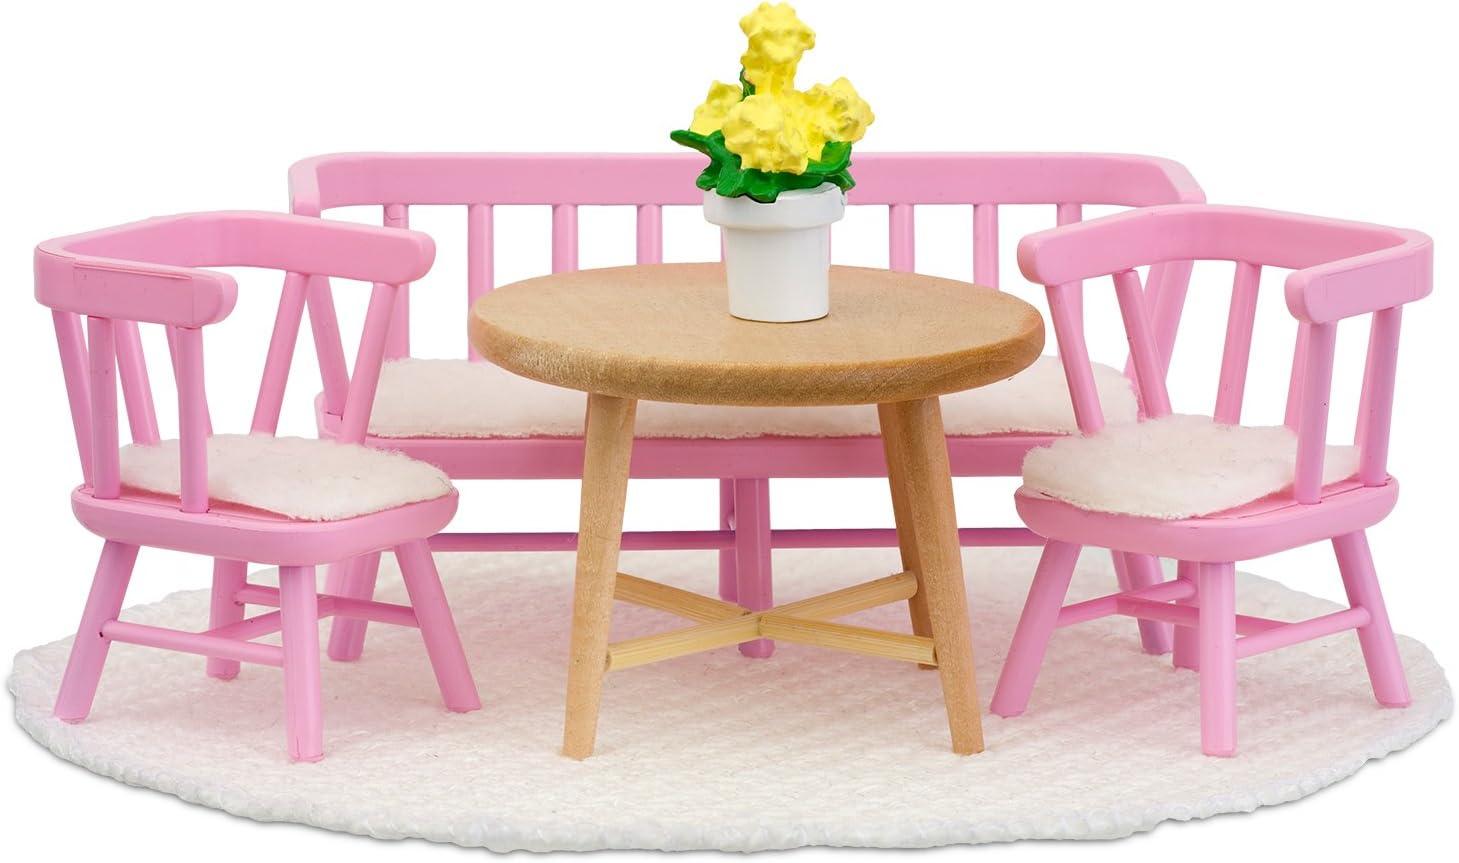 Lundby Smaland Kitchen Furniture Set, Pink